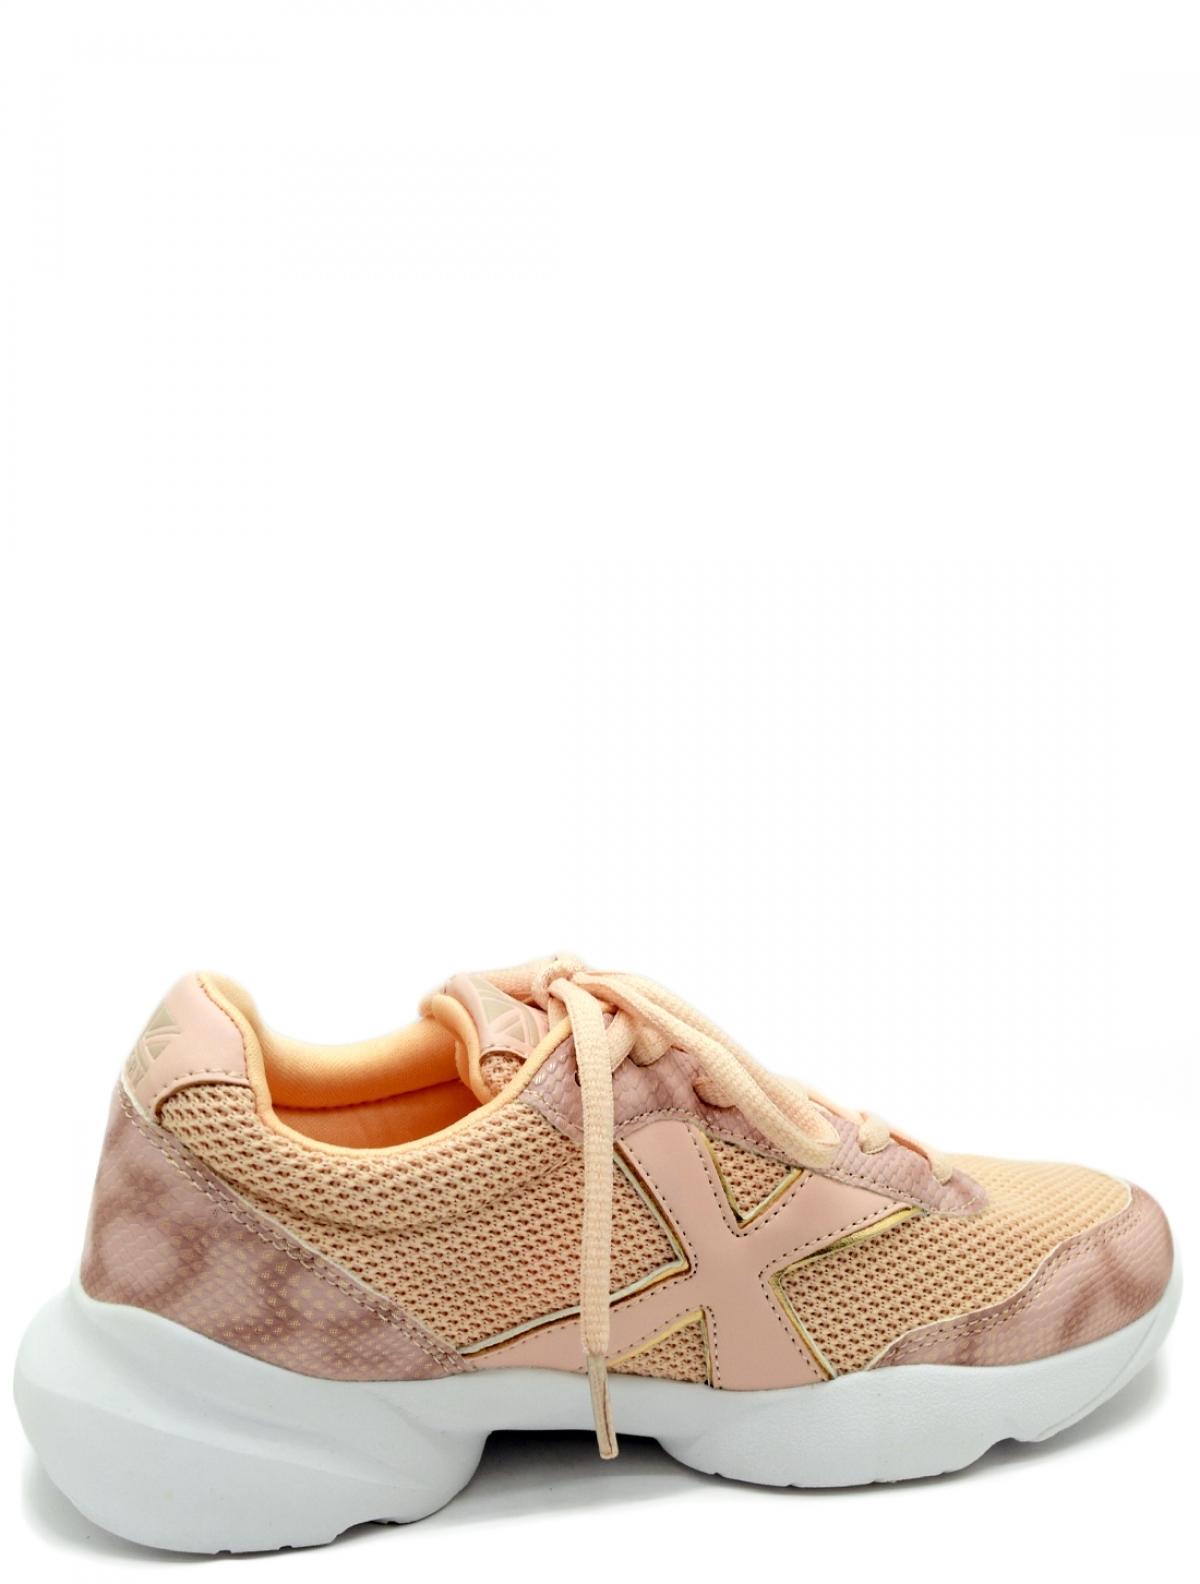 CROSBY 497664/01-04 женские кроссовки